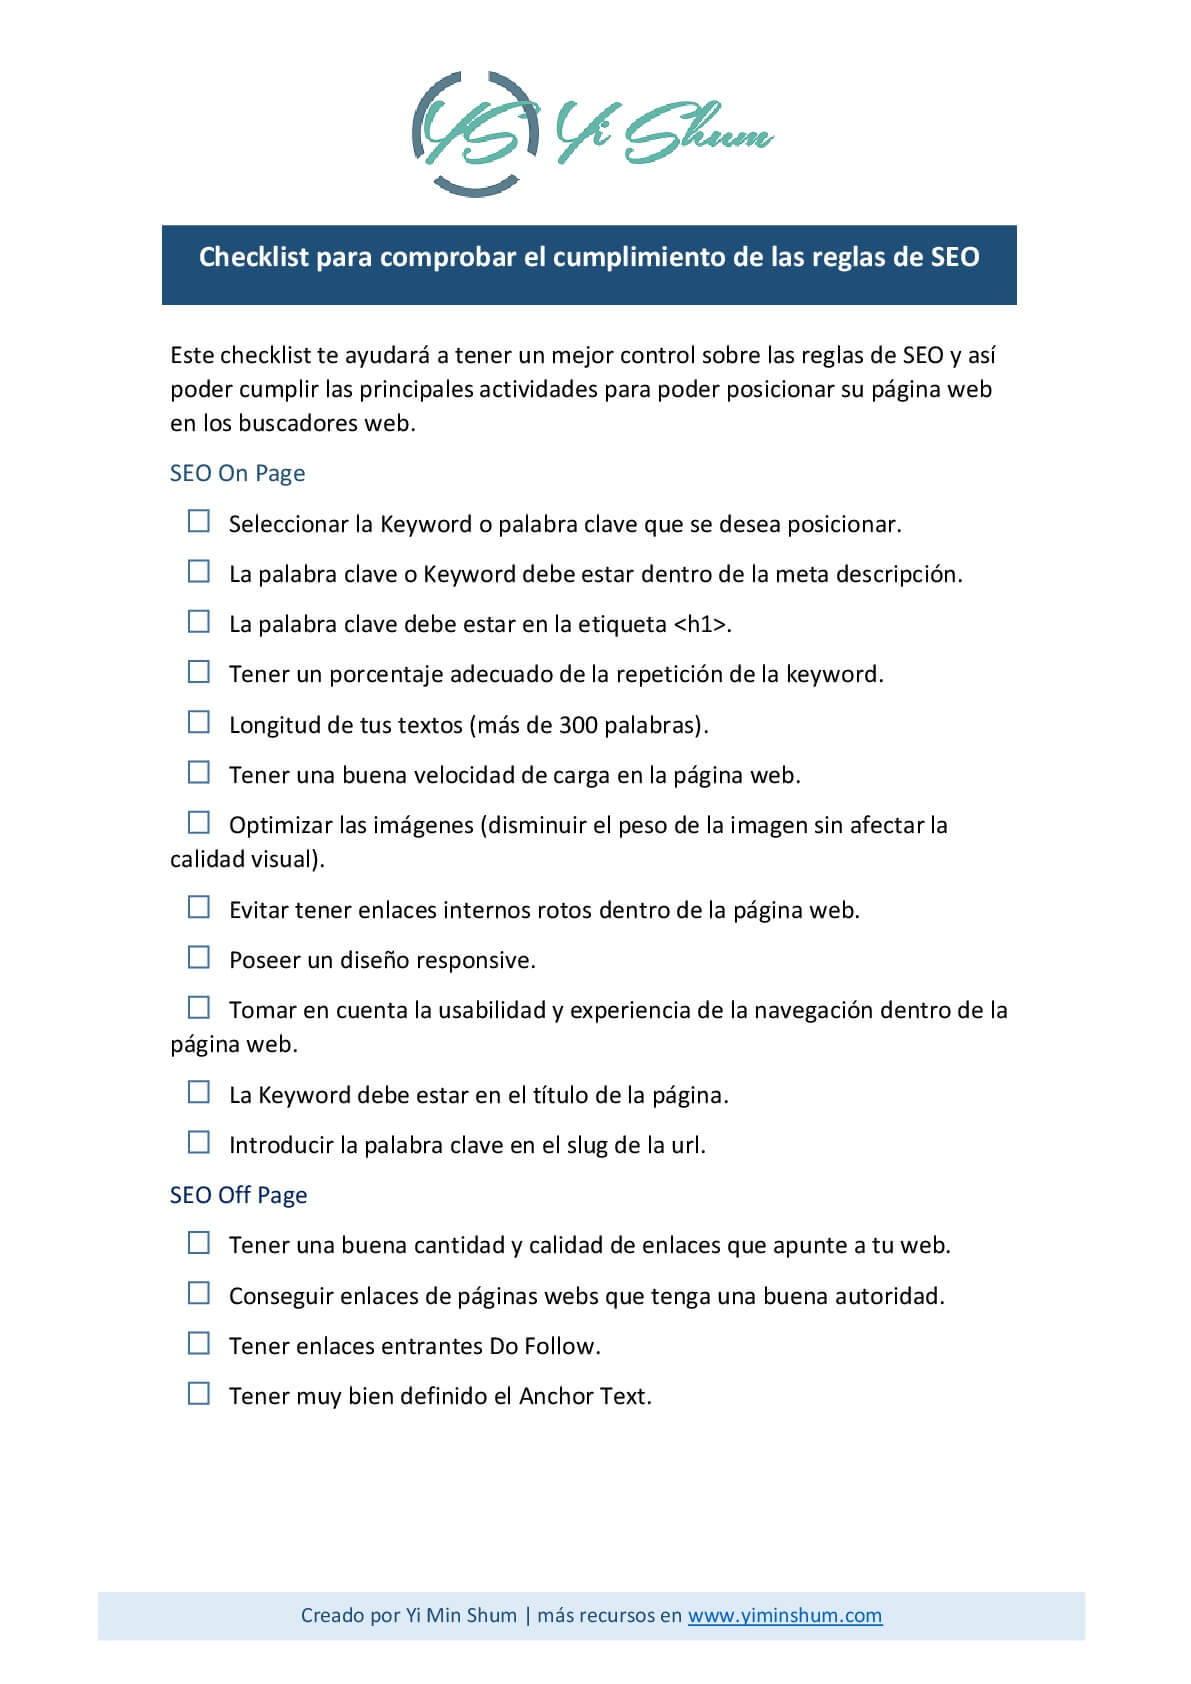 Checklist para comprobar el cumplimiento de las reglas de SEO imagen